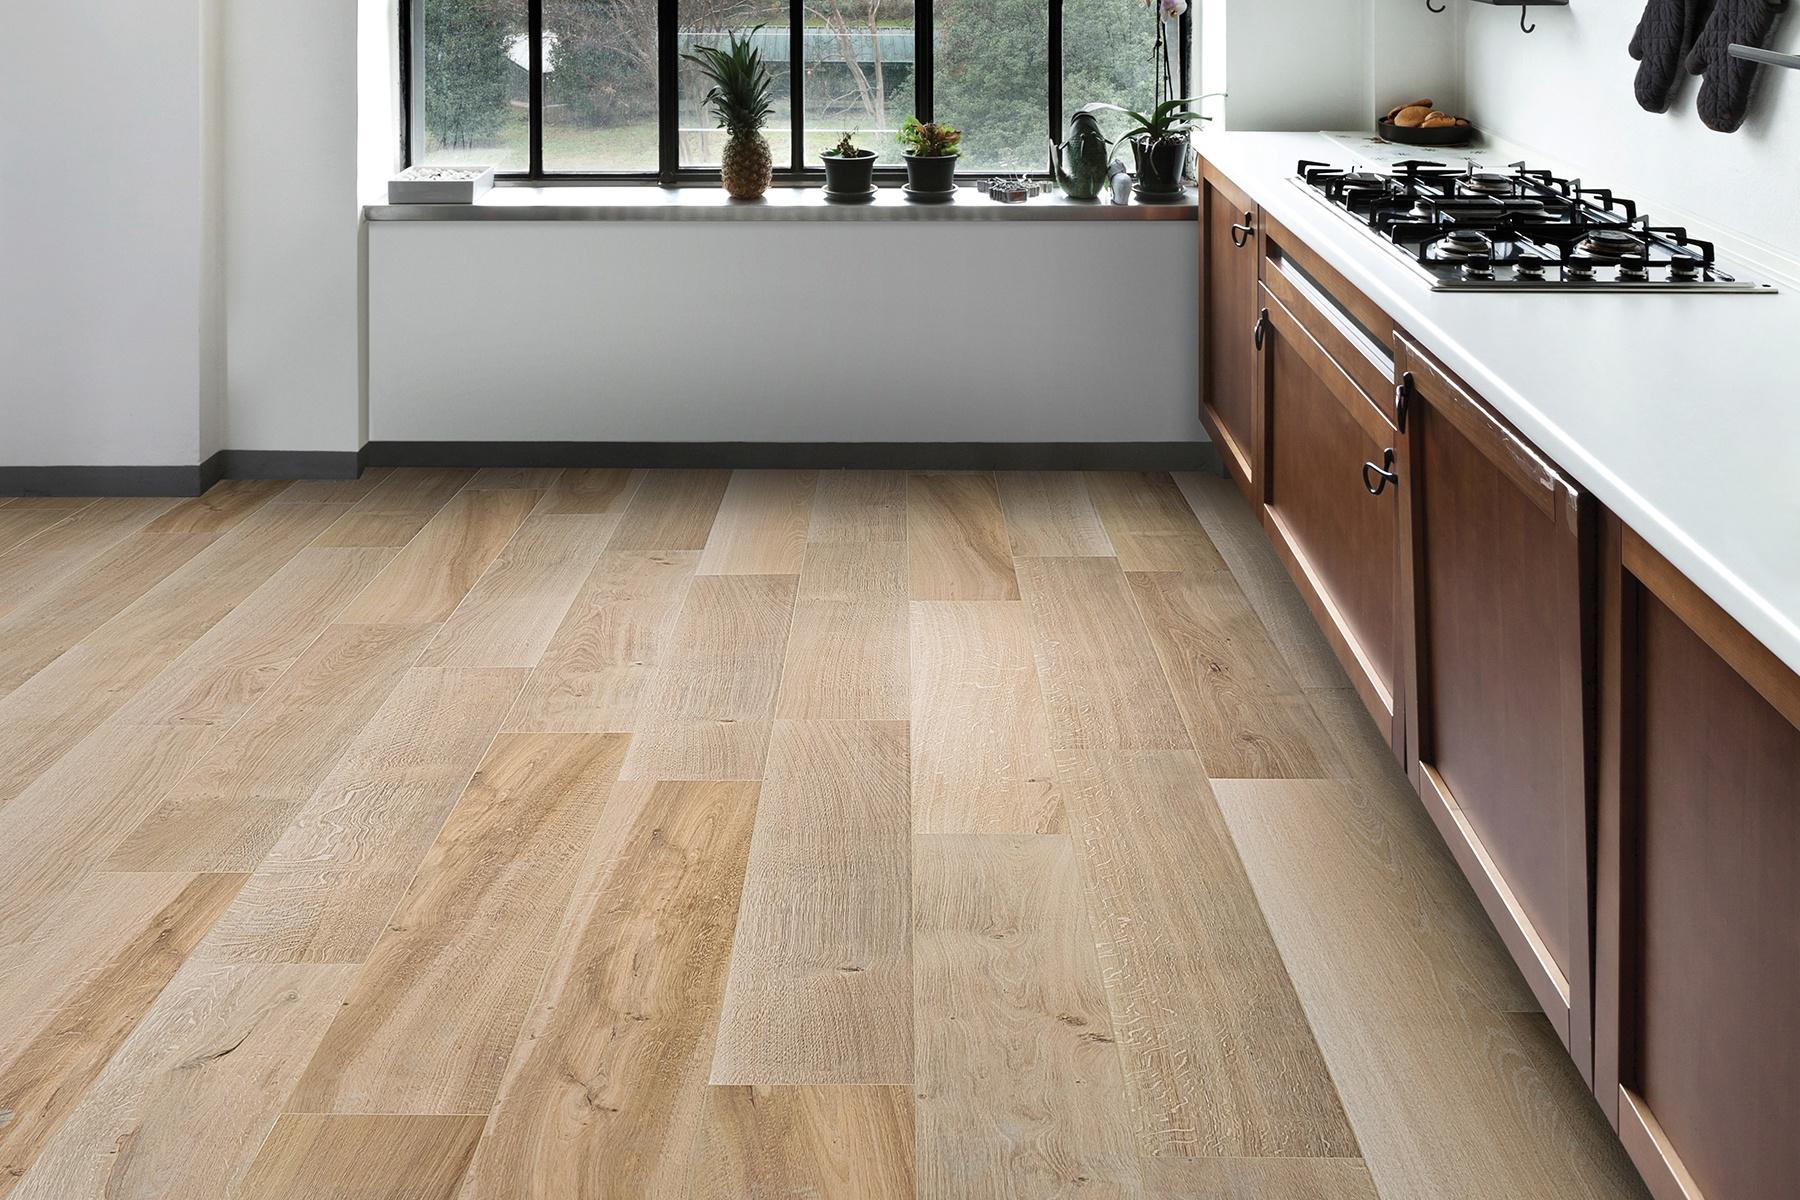 Waterproof PVC laminate flooring - water-resistant flooring ...